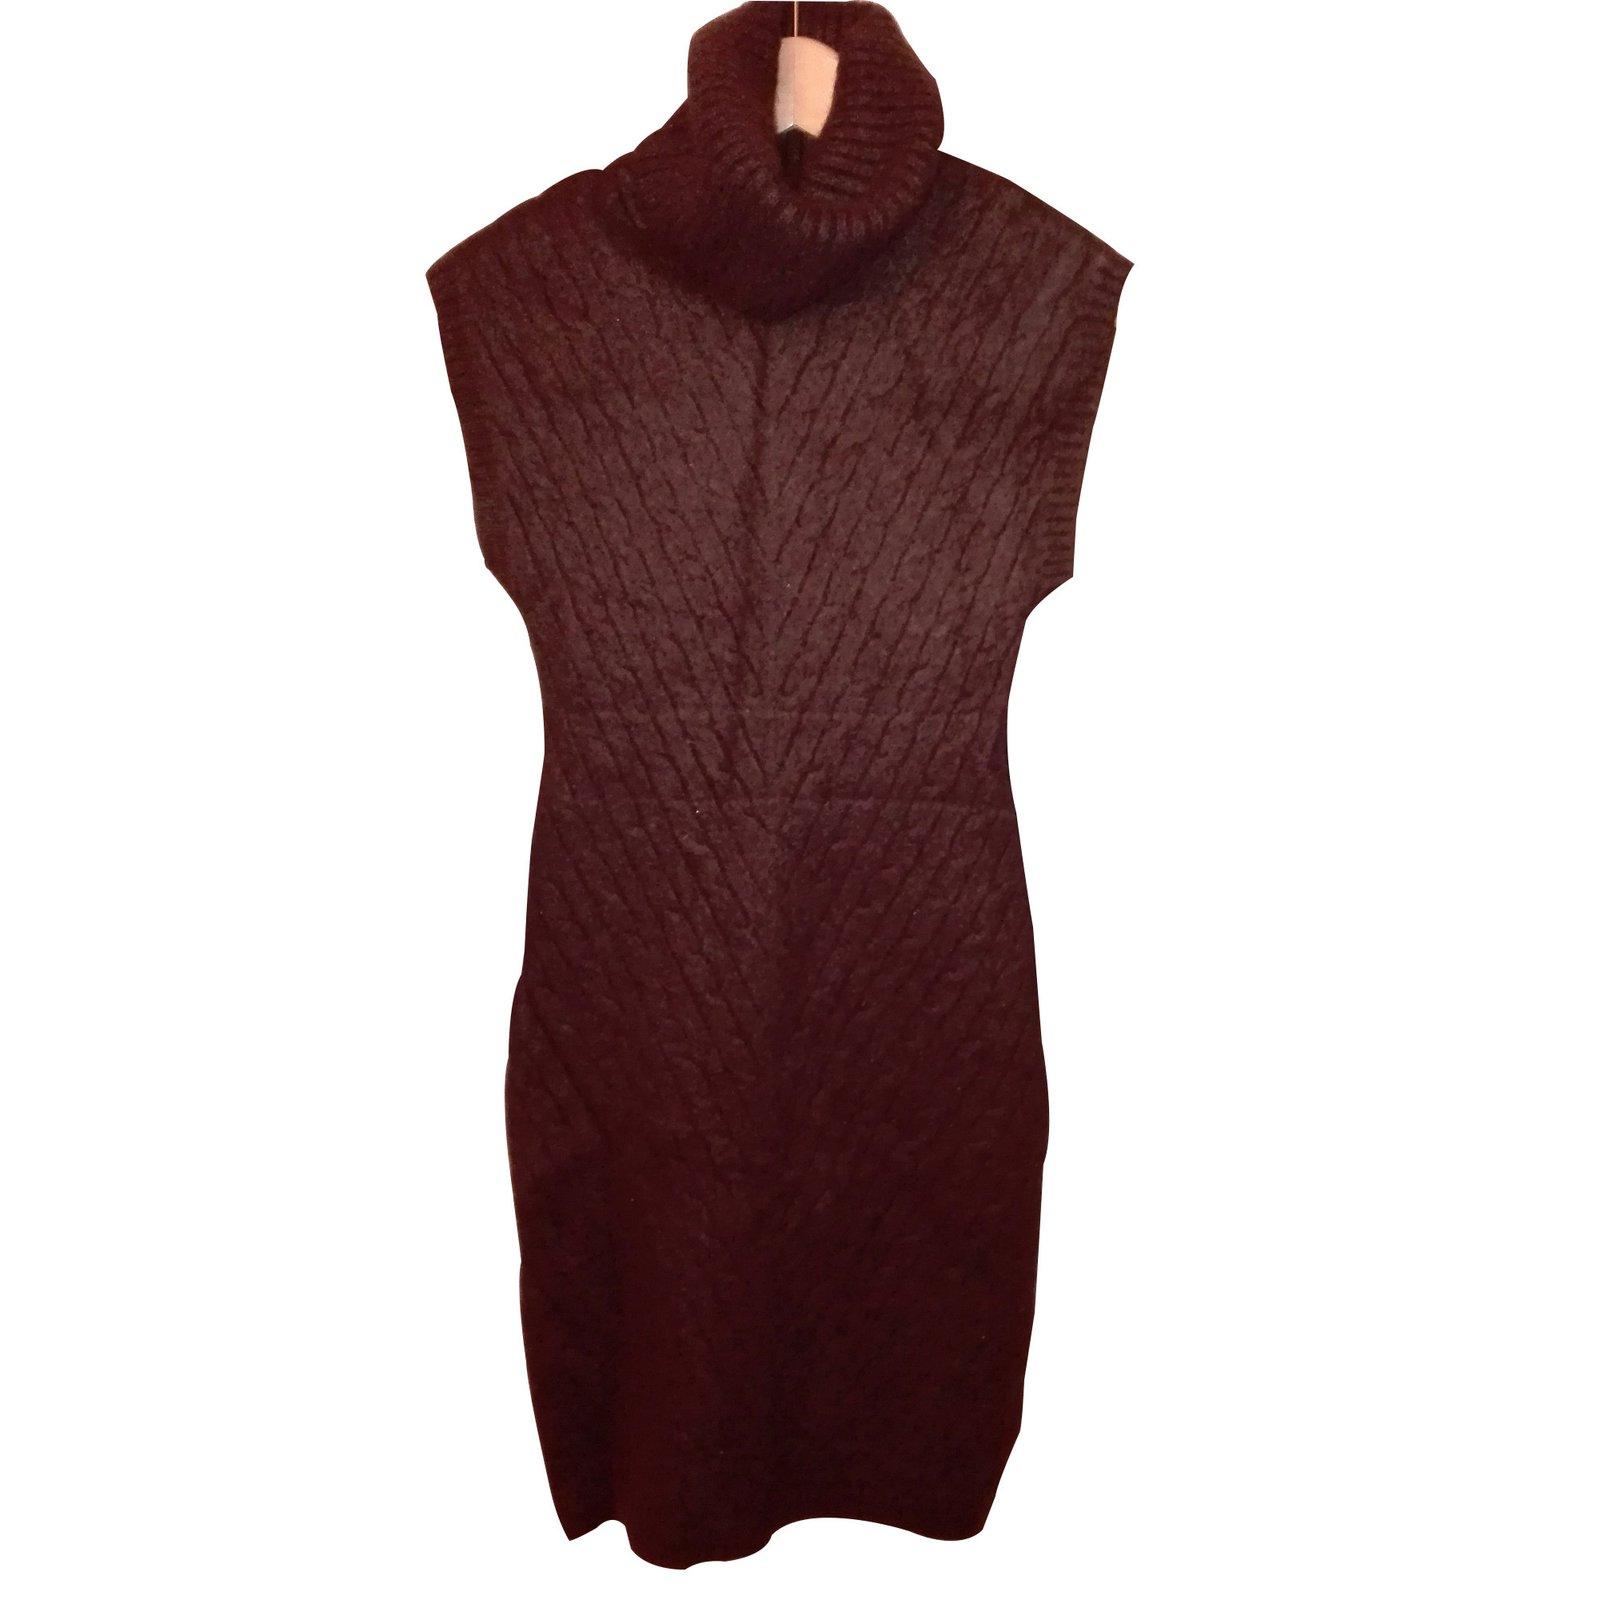 robes ralph lauren robe sans manche col roul laine marron joli closet. Black Bedroom Furniture Sets. Home Design Ideas